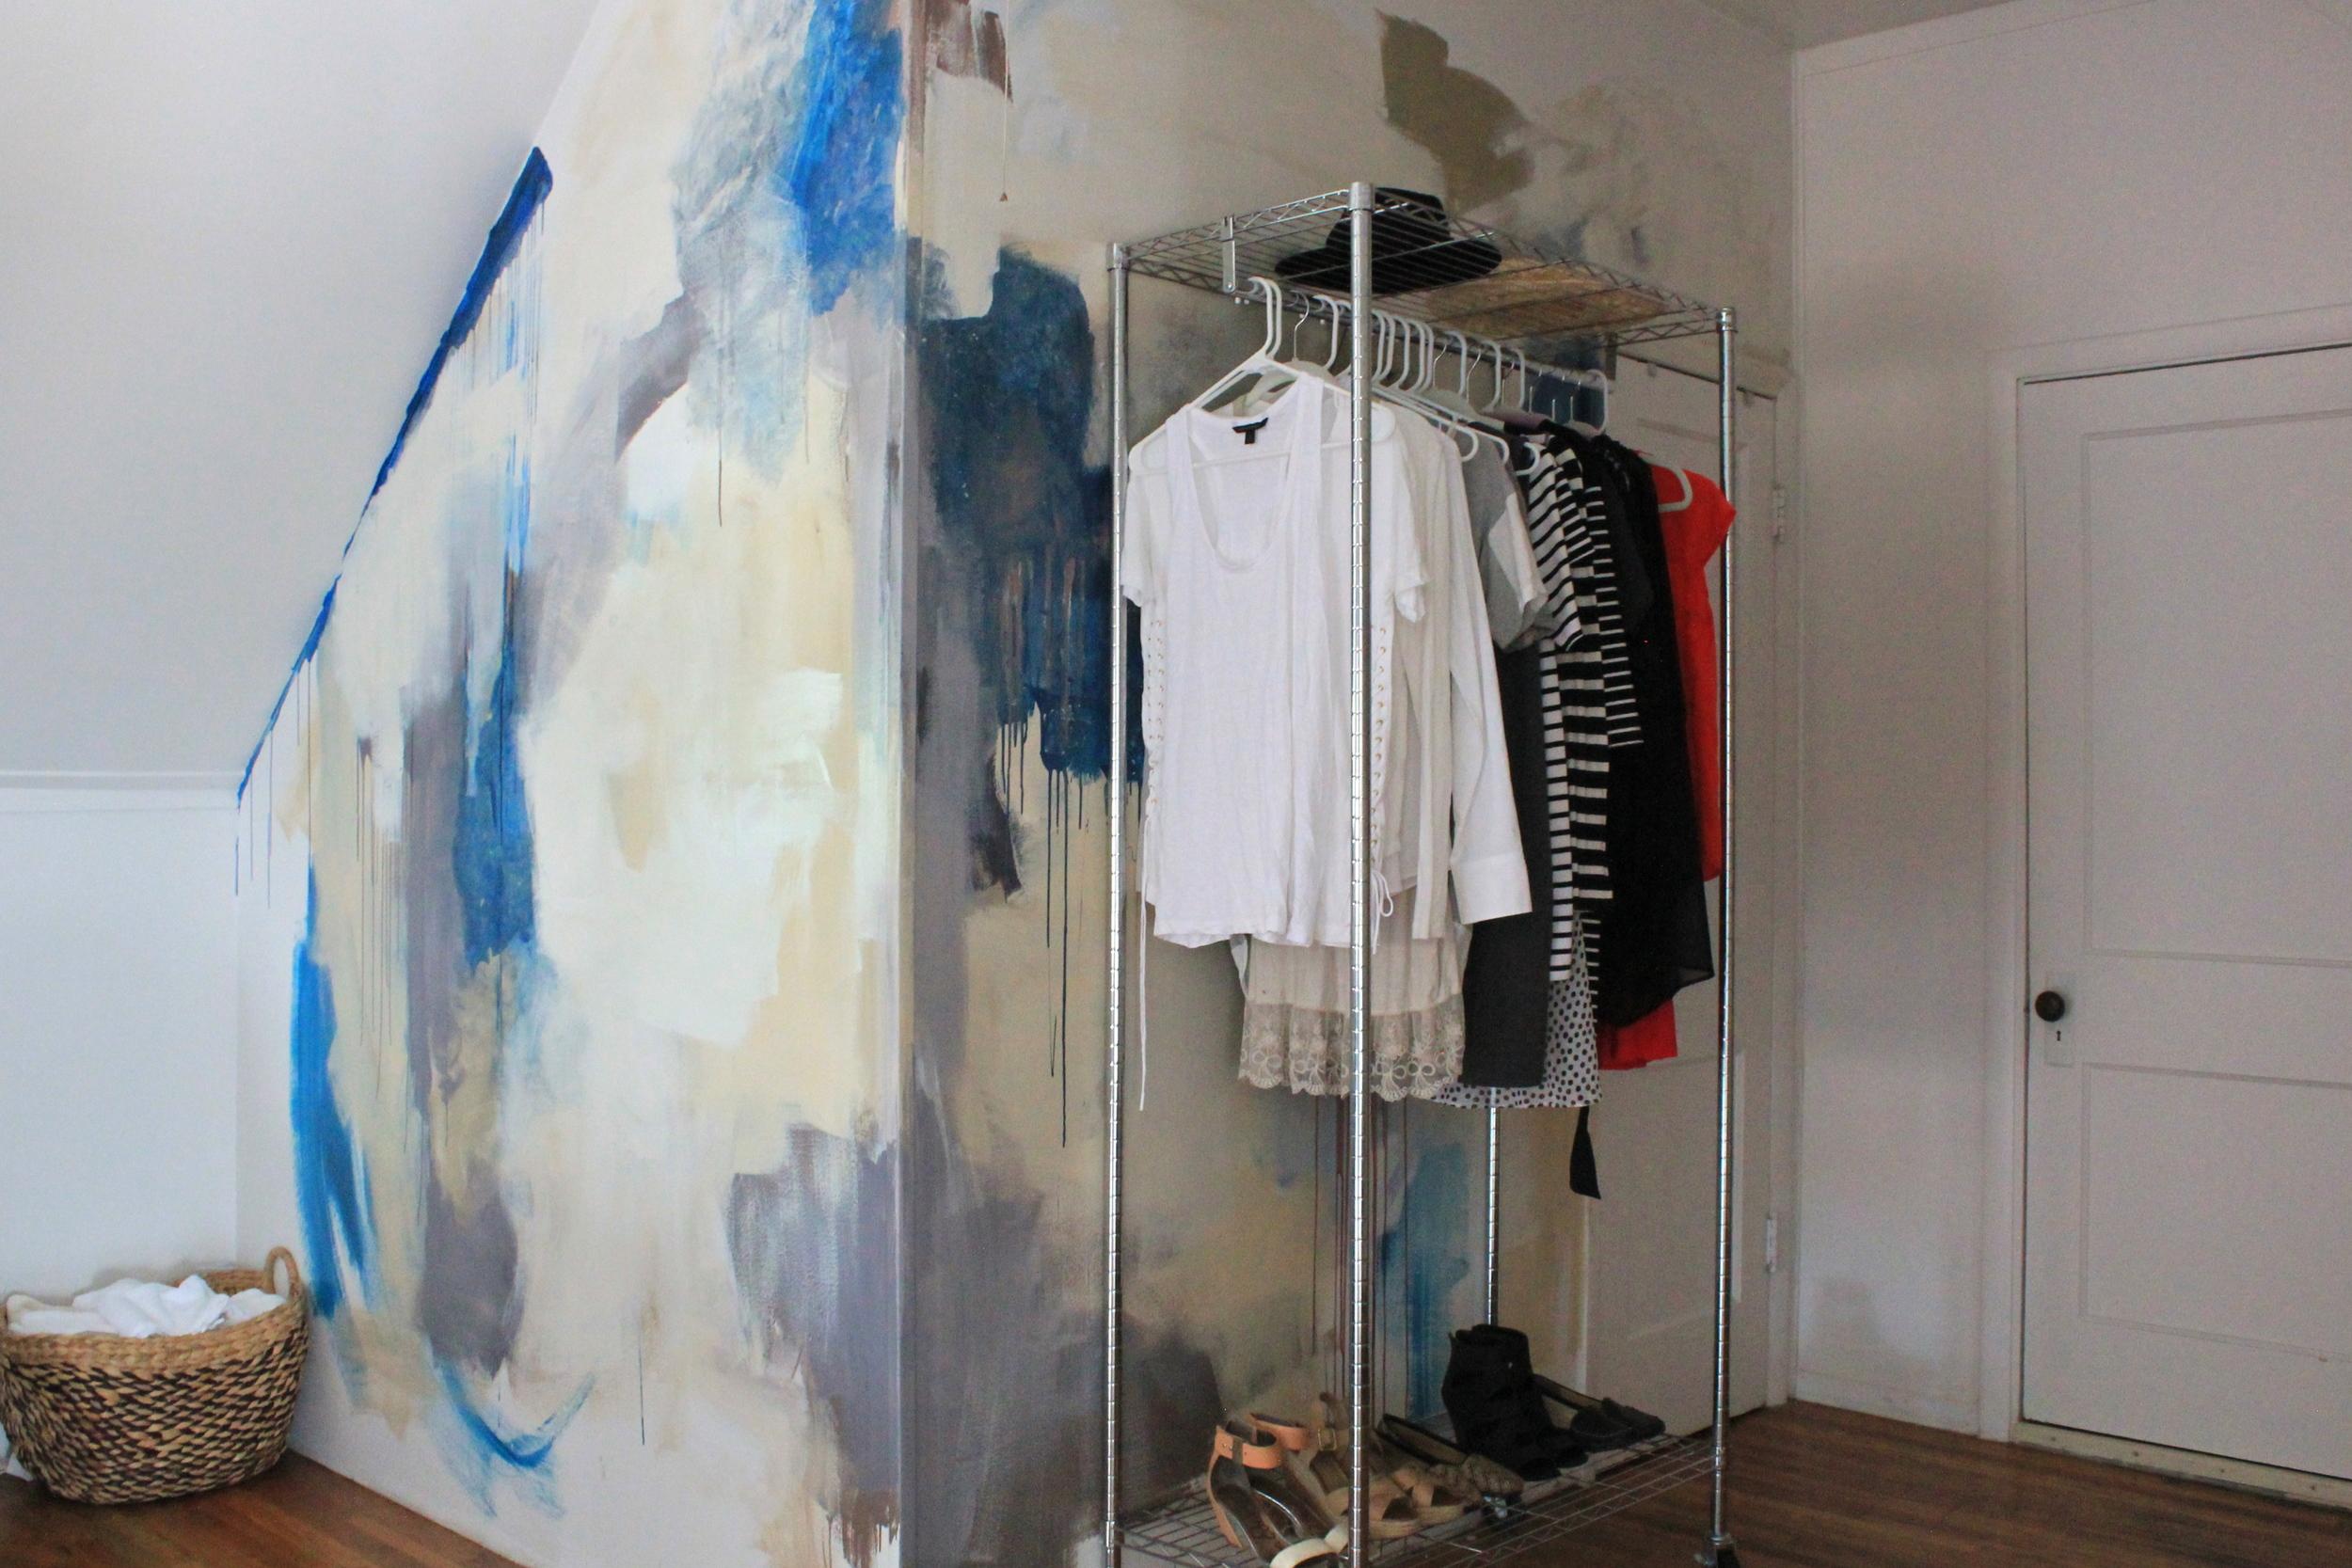 lofted bedroom mural -